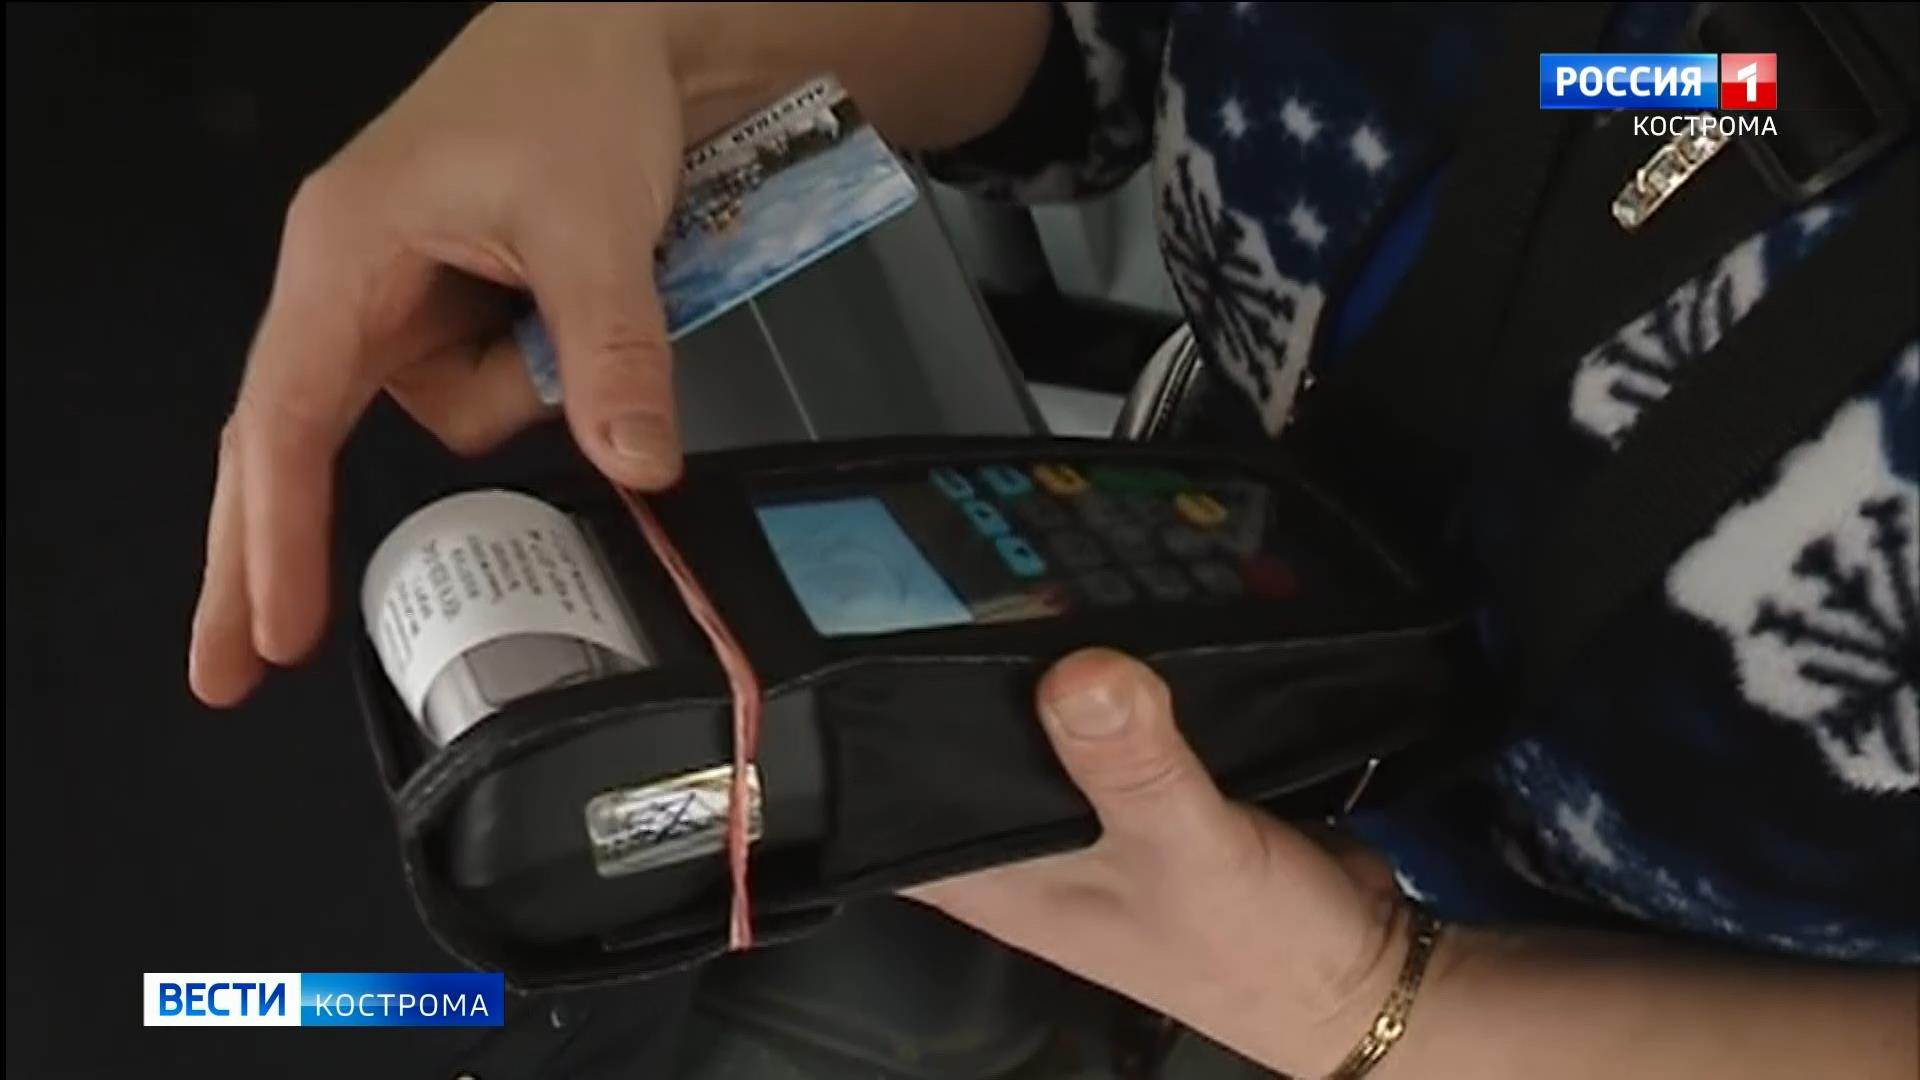 Сроки выдачи транспортных карт в Костроме перенесли по техническим причинам